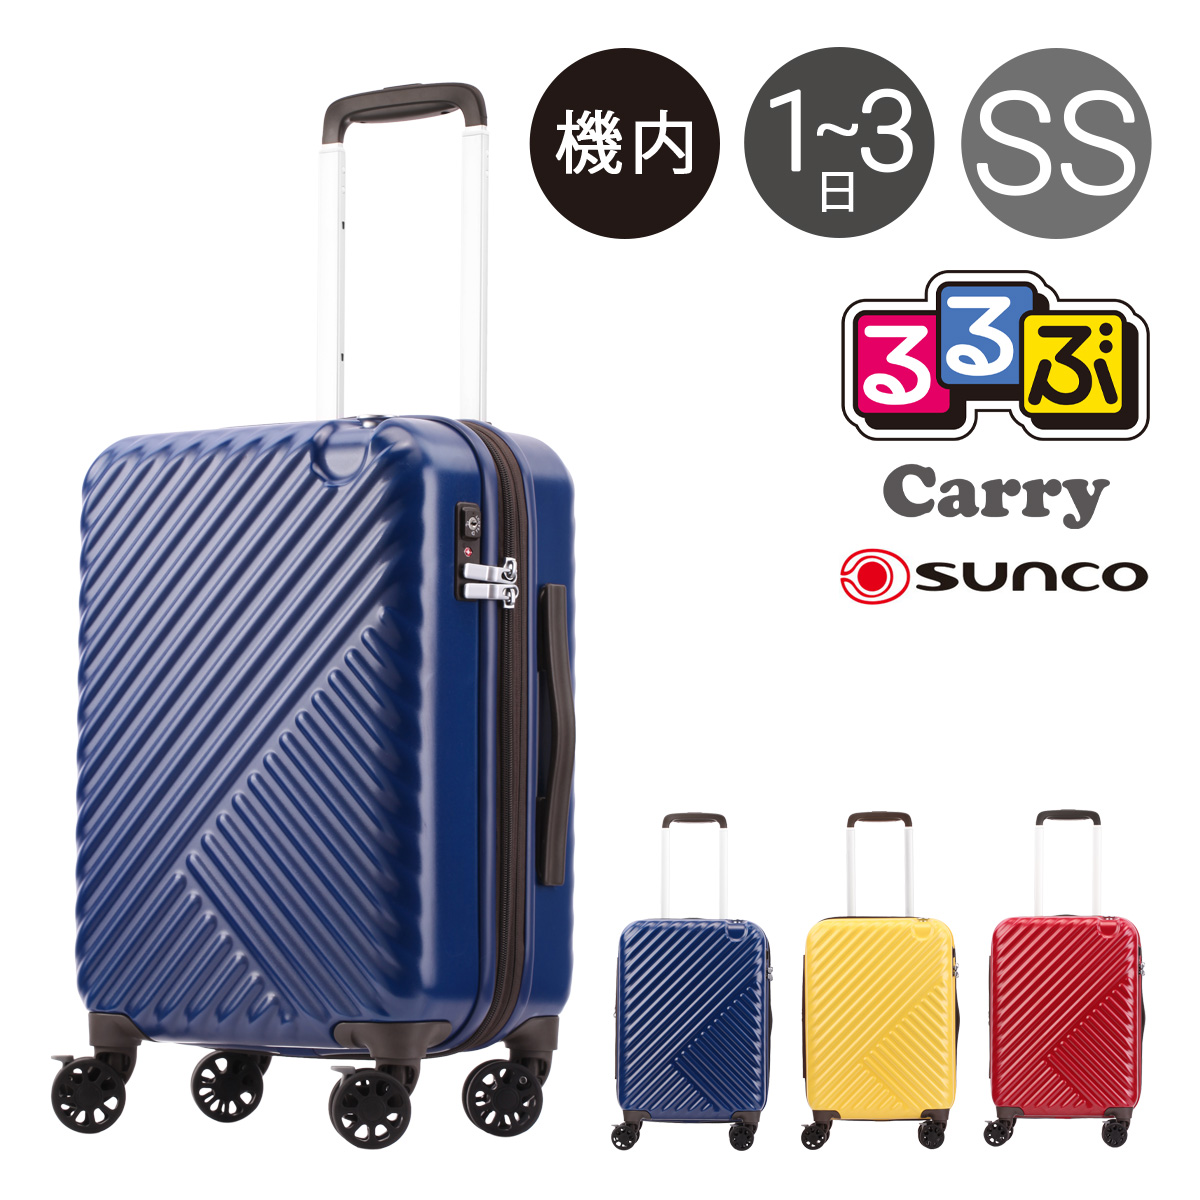 サンコー スーツケース 機内持ち込み 32L 46cm 2.8kg るるぶキャリー RRBZ-46 SUNCO|ハード ファスナー キャリーバッグ キャリーケース 拡張 ストッパー付き TSAロック搭載 HINOMOTO[bef][PO10][即日発送]